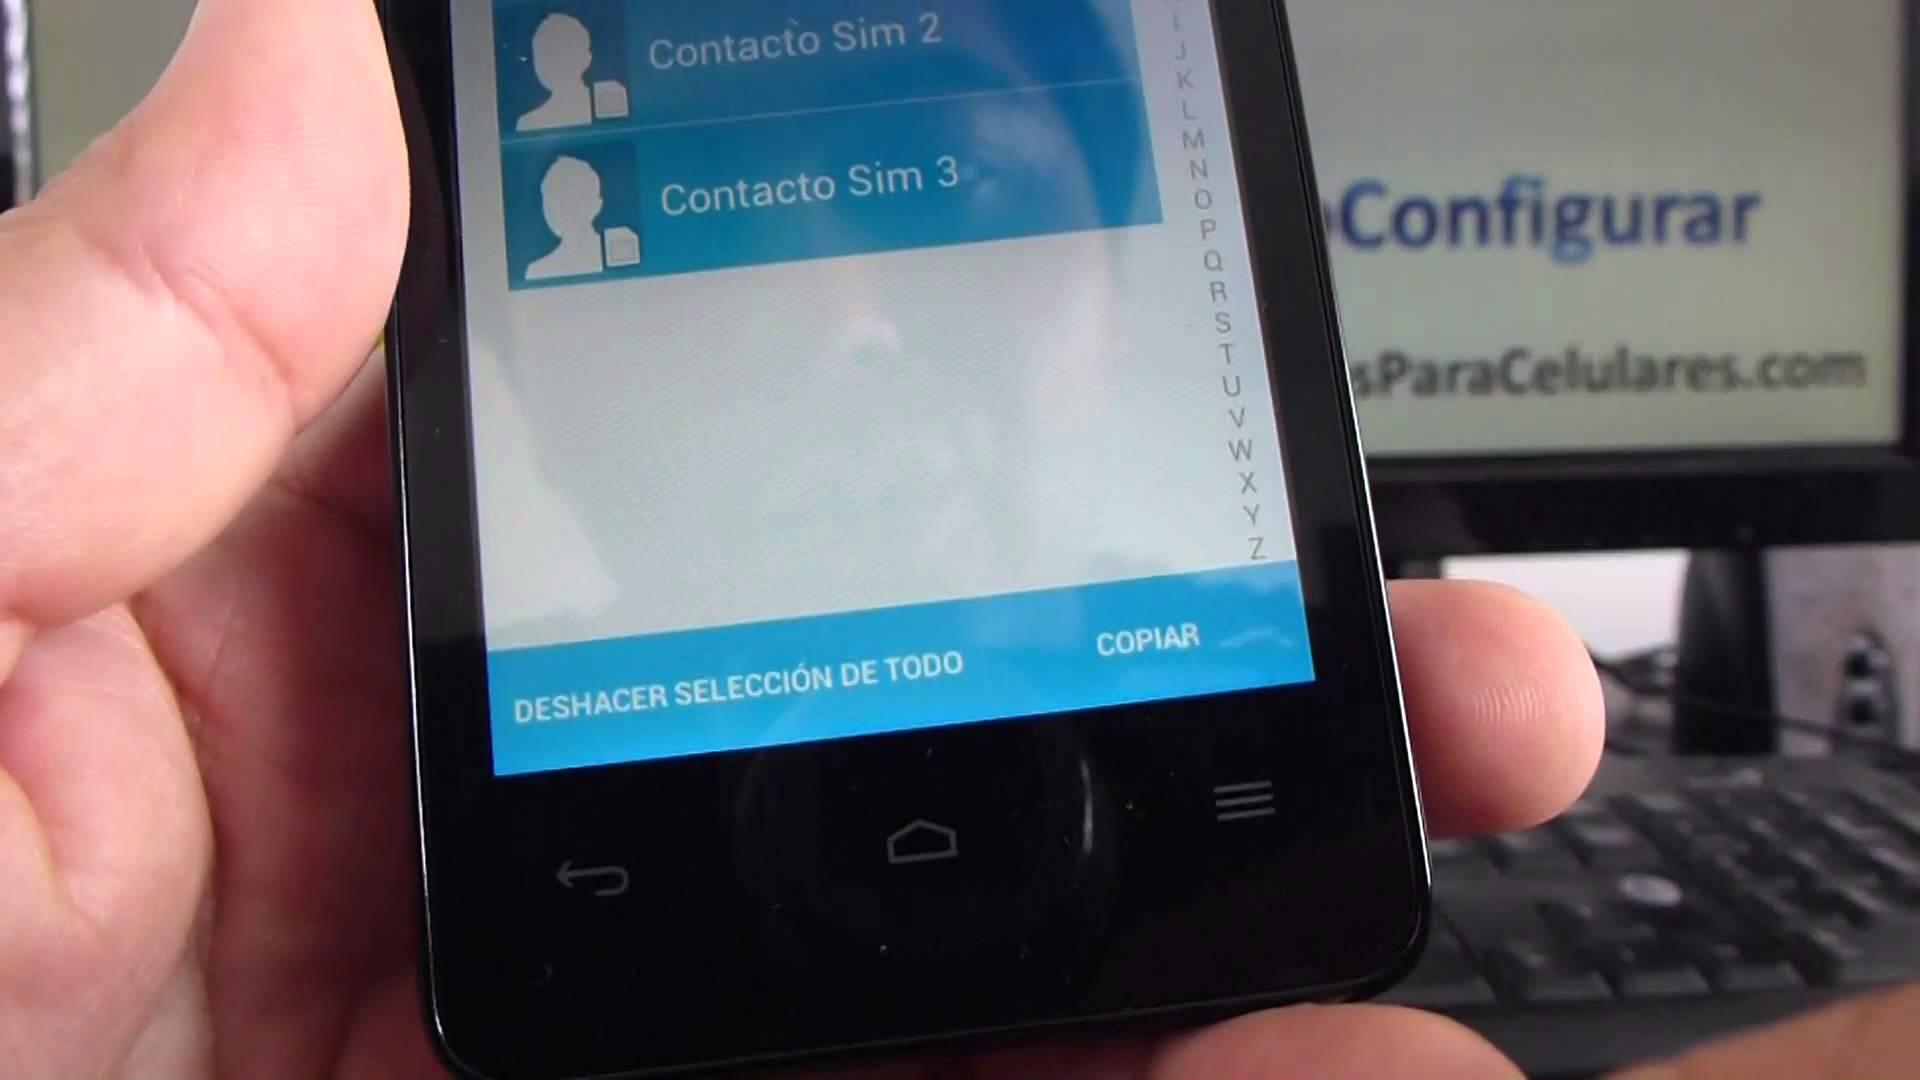 Come trasferire i contatti dal cellulare alla carta SIM [e dalla carta SIM al cellulare] 3